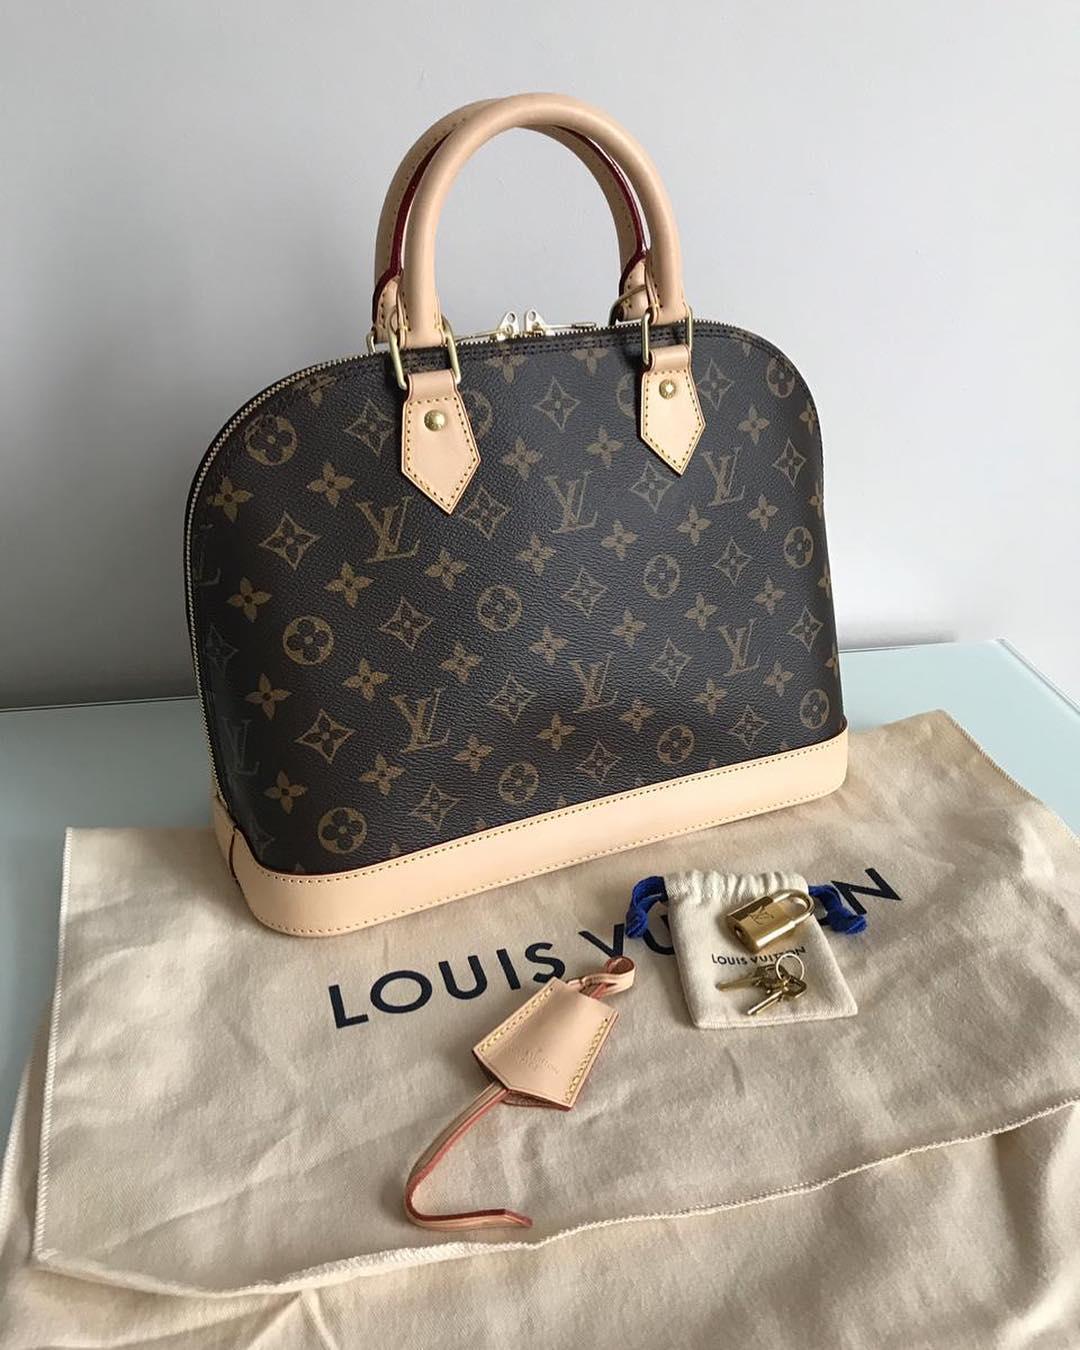 297c1038f1c5 Купить среднюю сумку Louis Vuitton за 96600 руб. в интернет магазине ...